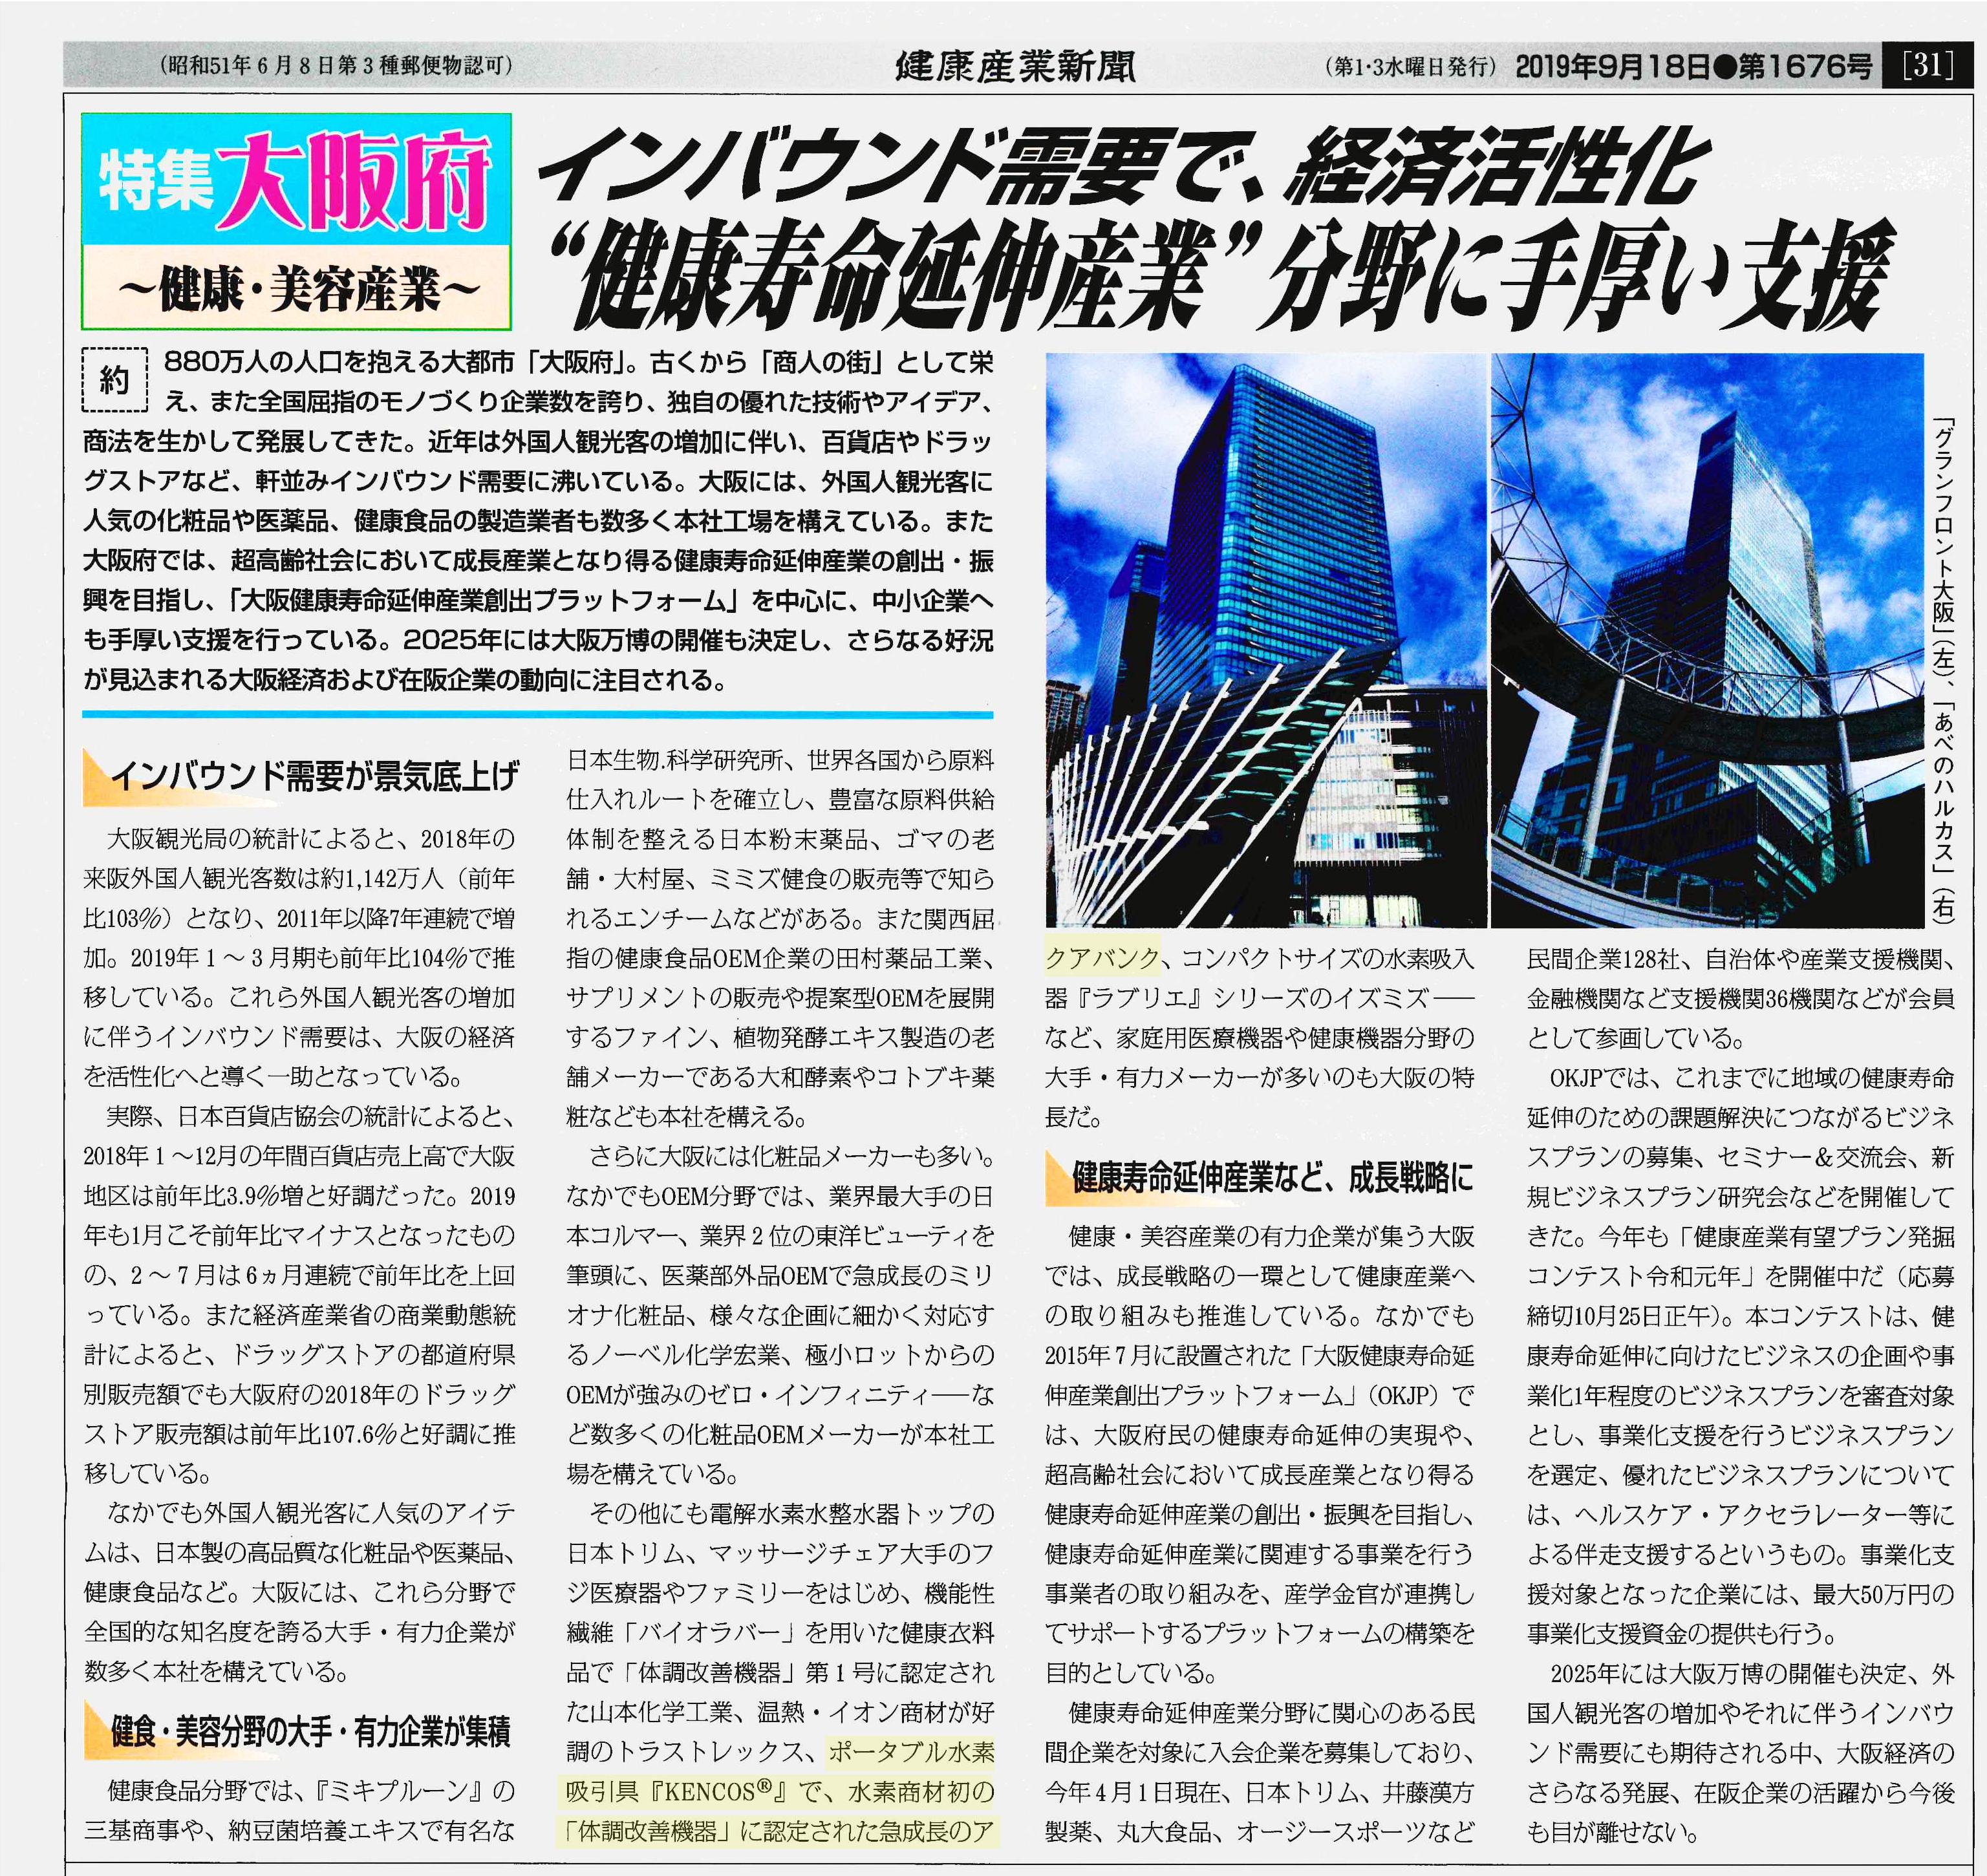 2019年9月18日発行「健康産業新聞」より抜粋1